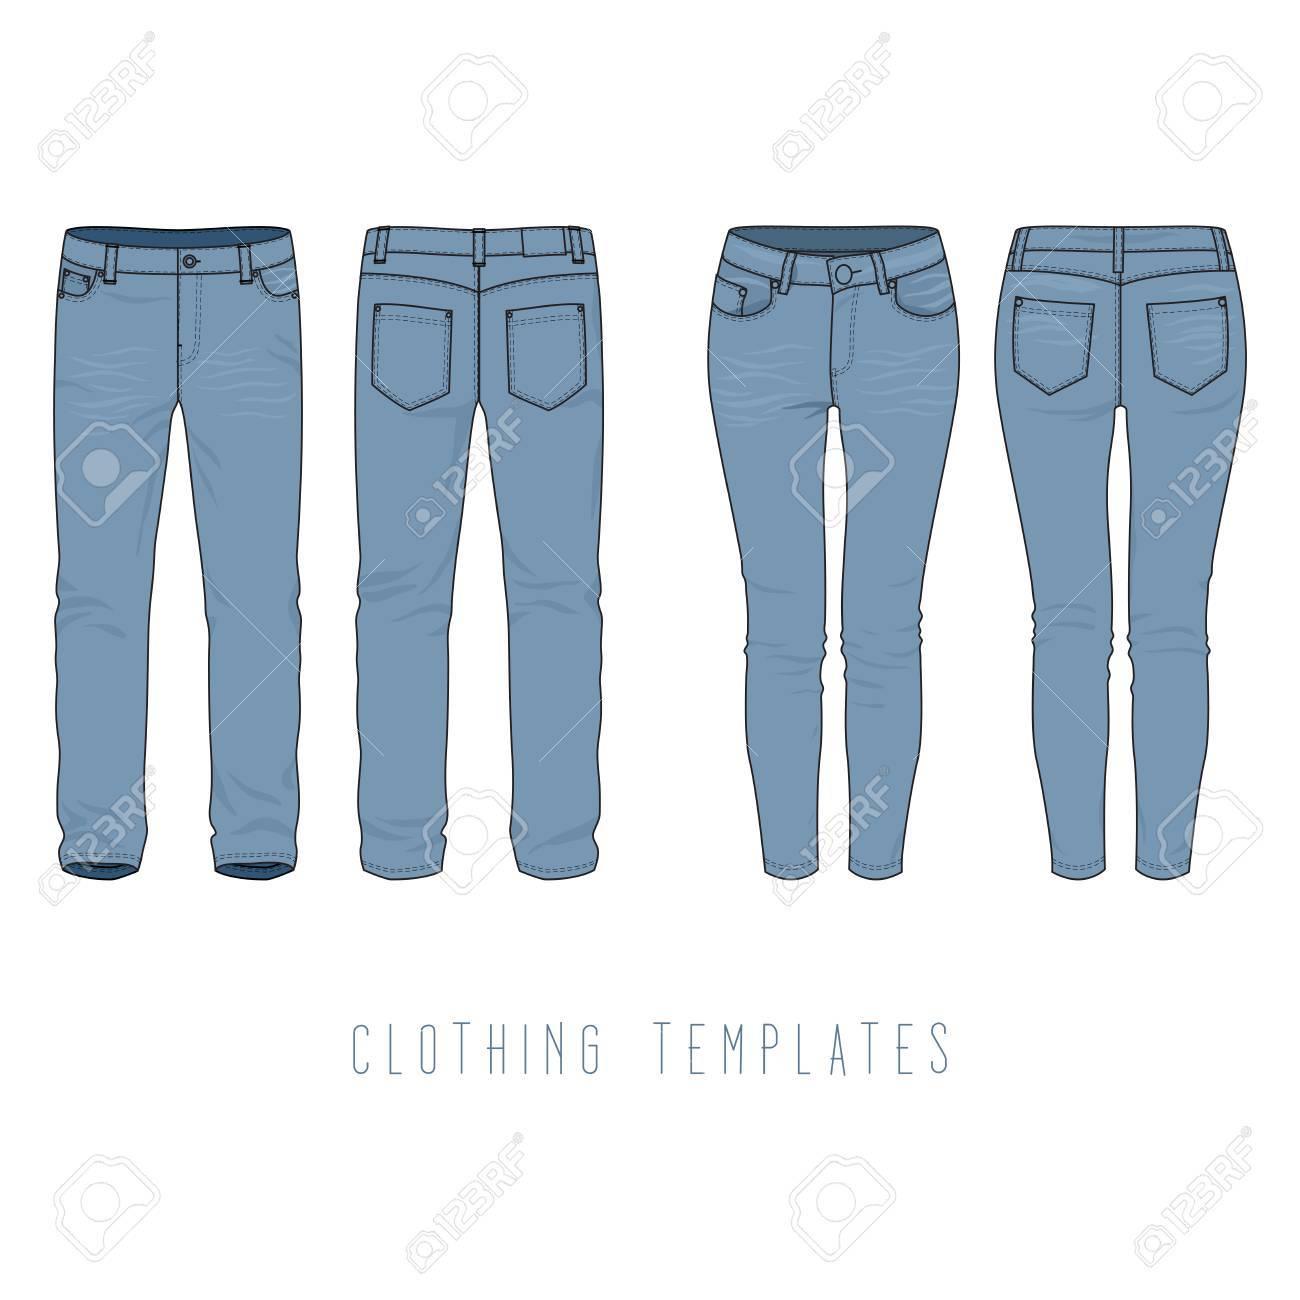 1d1e2350a Ropa masculina y femenina conjunto de blue jeans. Vector plantillas en el  frente, las vistas de atrás para el diseño de moda en estilo urbano. ...